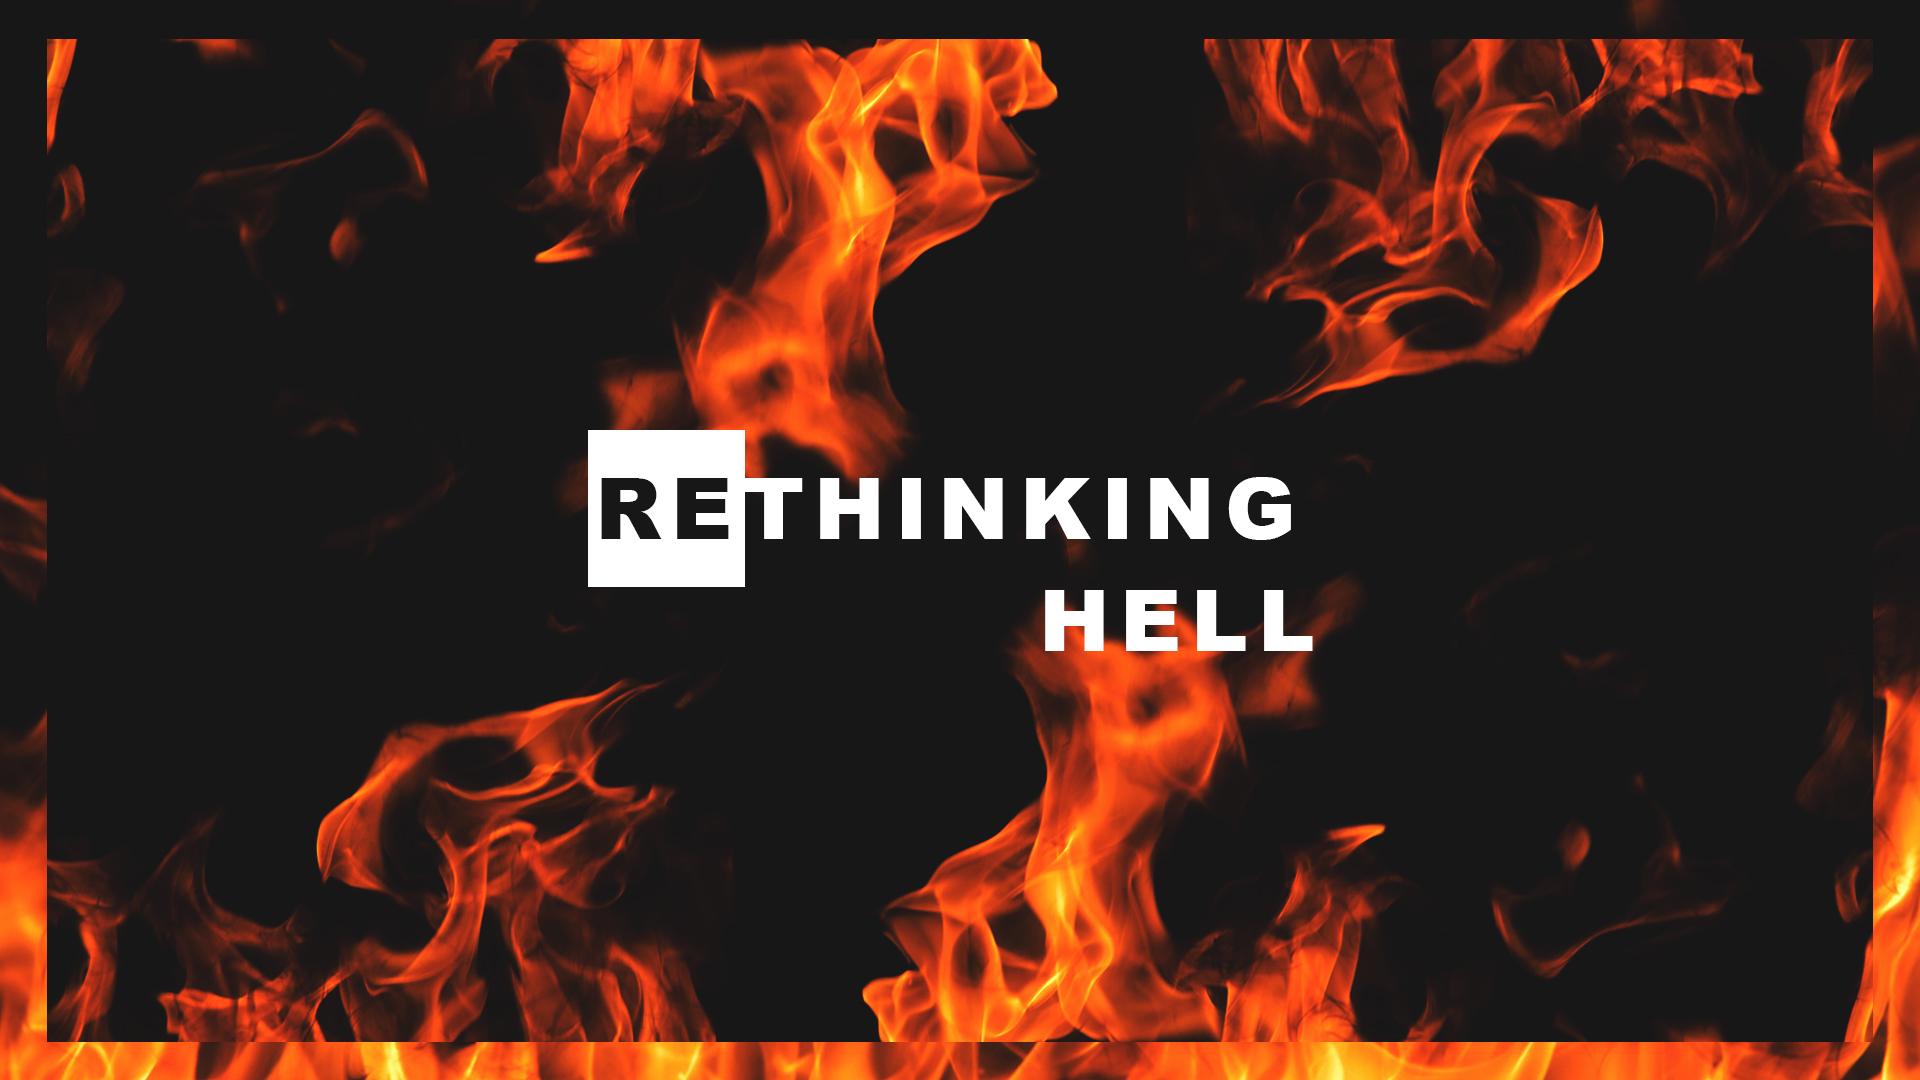 Rethinking Hell_2.jpg